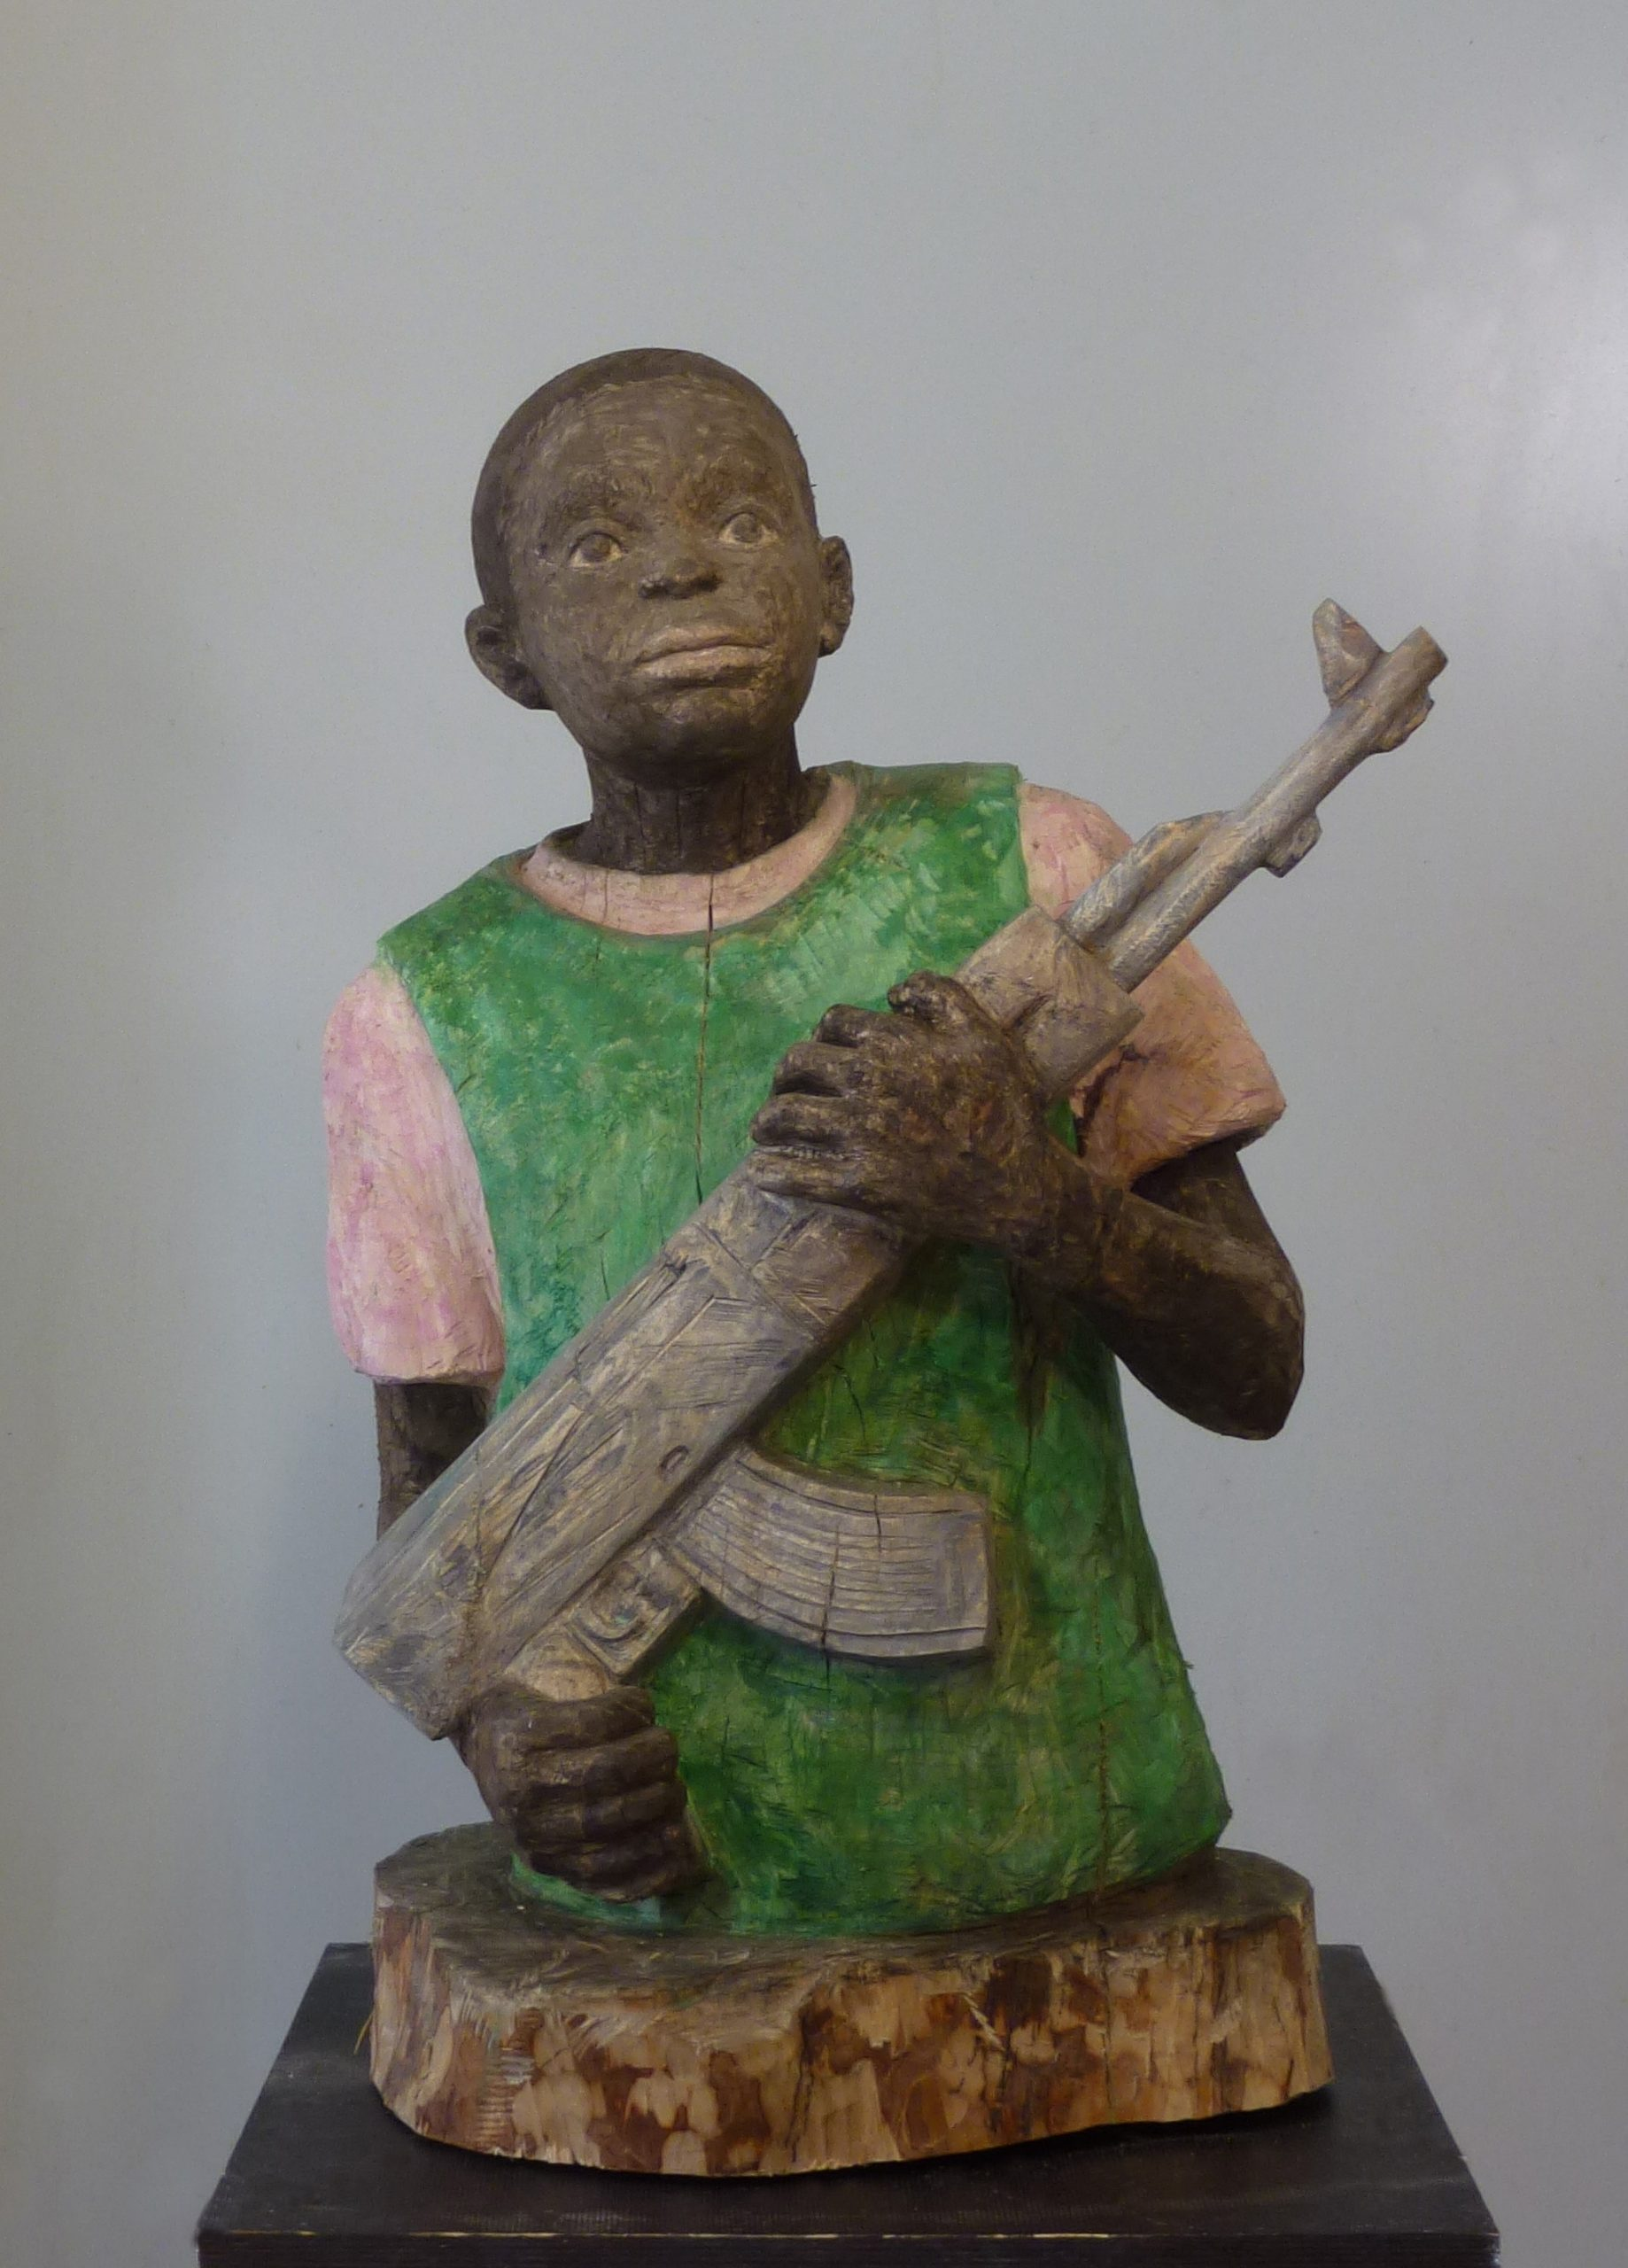 08 / AFRICAN BOY